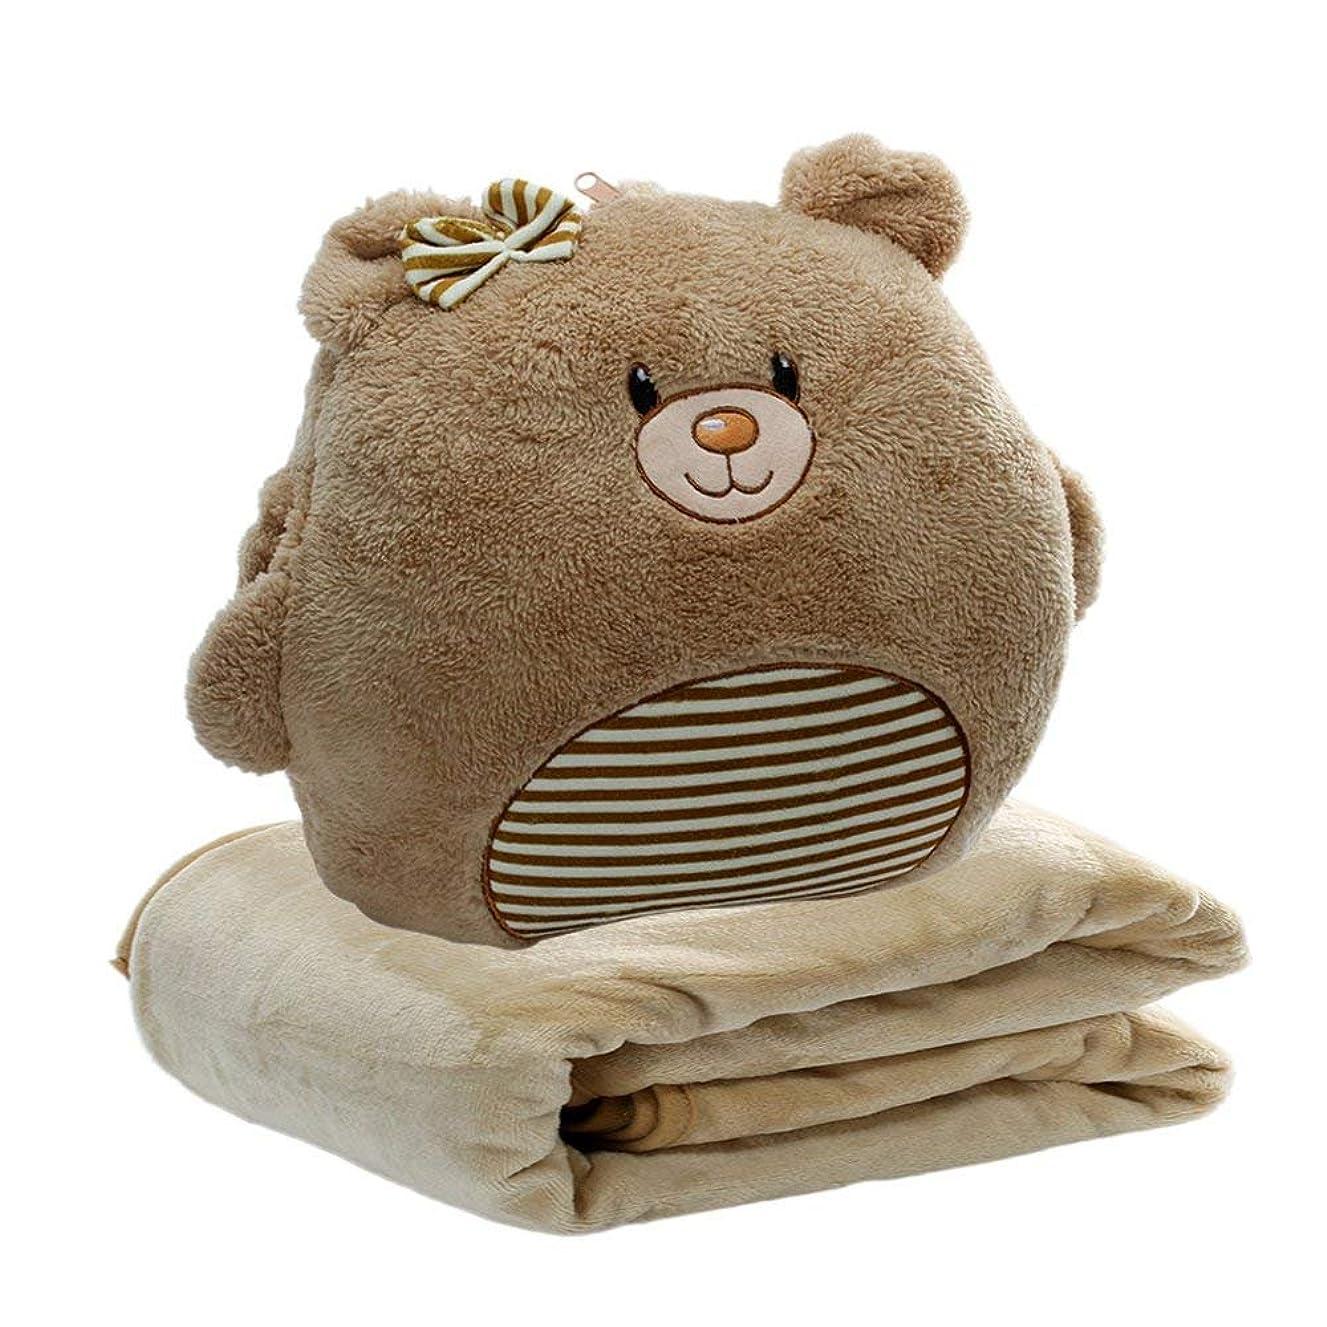 降ろすアートパフKOLAMOM 抱きまくら 毛布付き かわいいぬいぐるみ 背当て抱き枕 暖かい手 軽量 絨毯 お昼寝 収納便利 (くま)